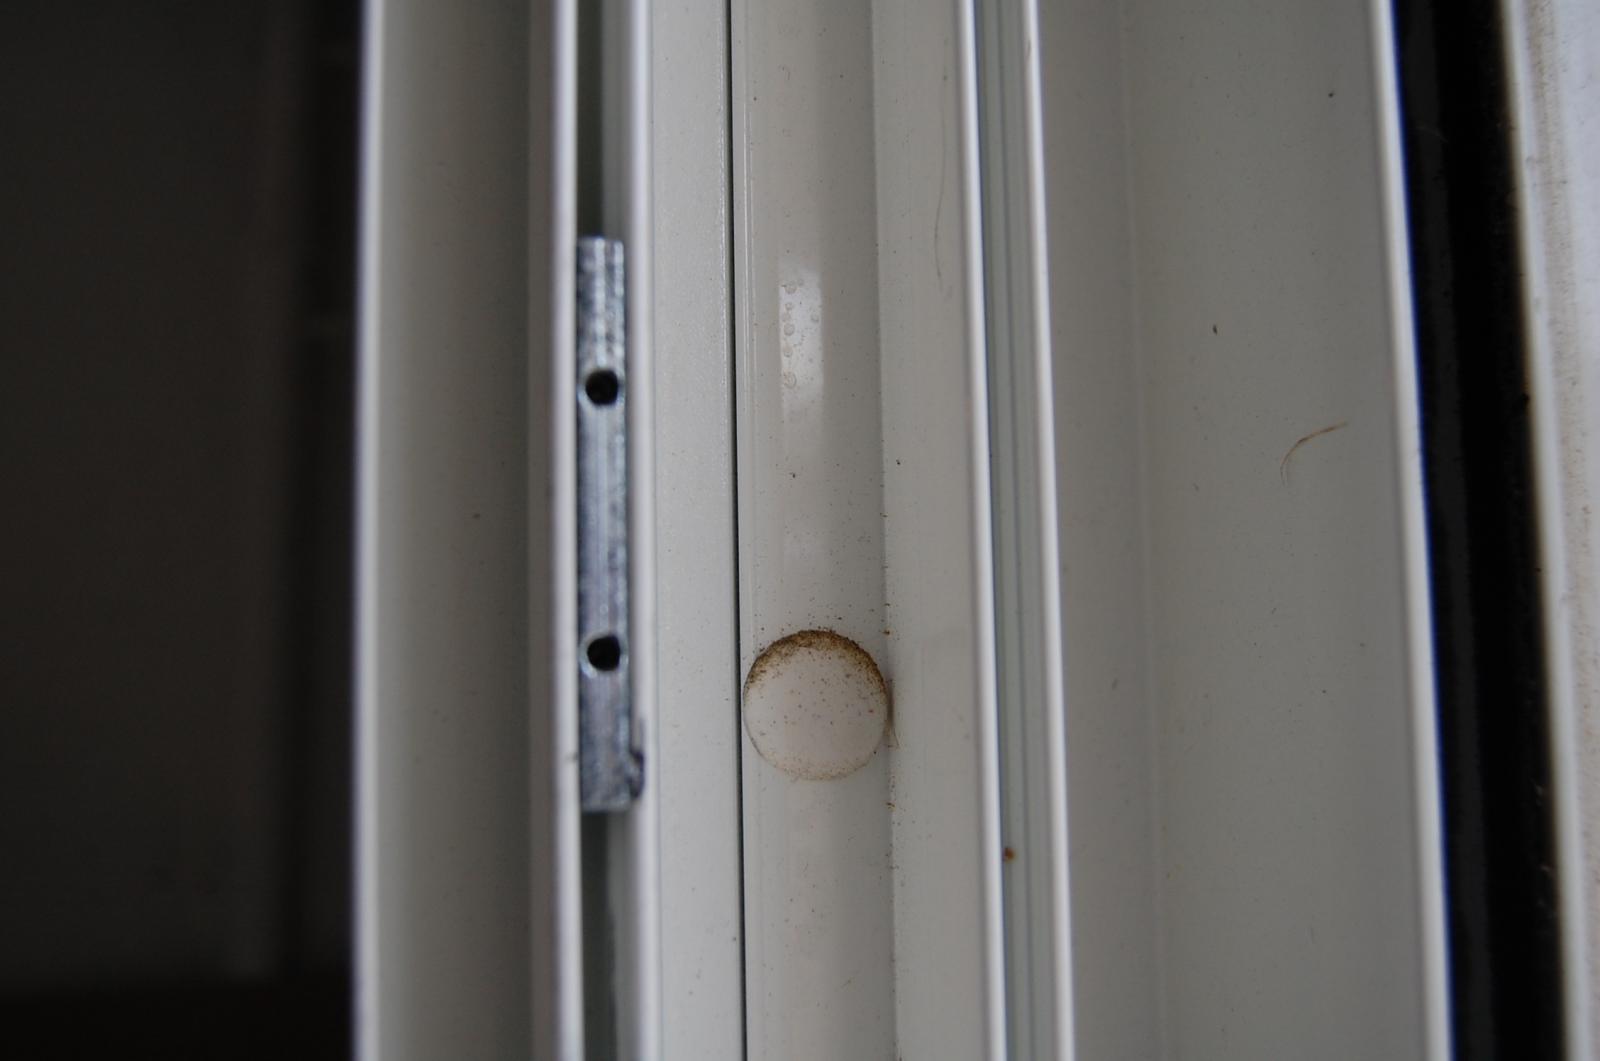 syst me de fermeture de ma baie vitr e coulissantes ne ForSysteme Fermeture Baie Vitree